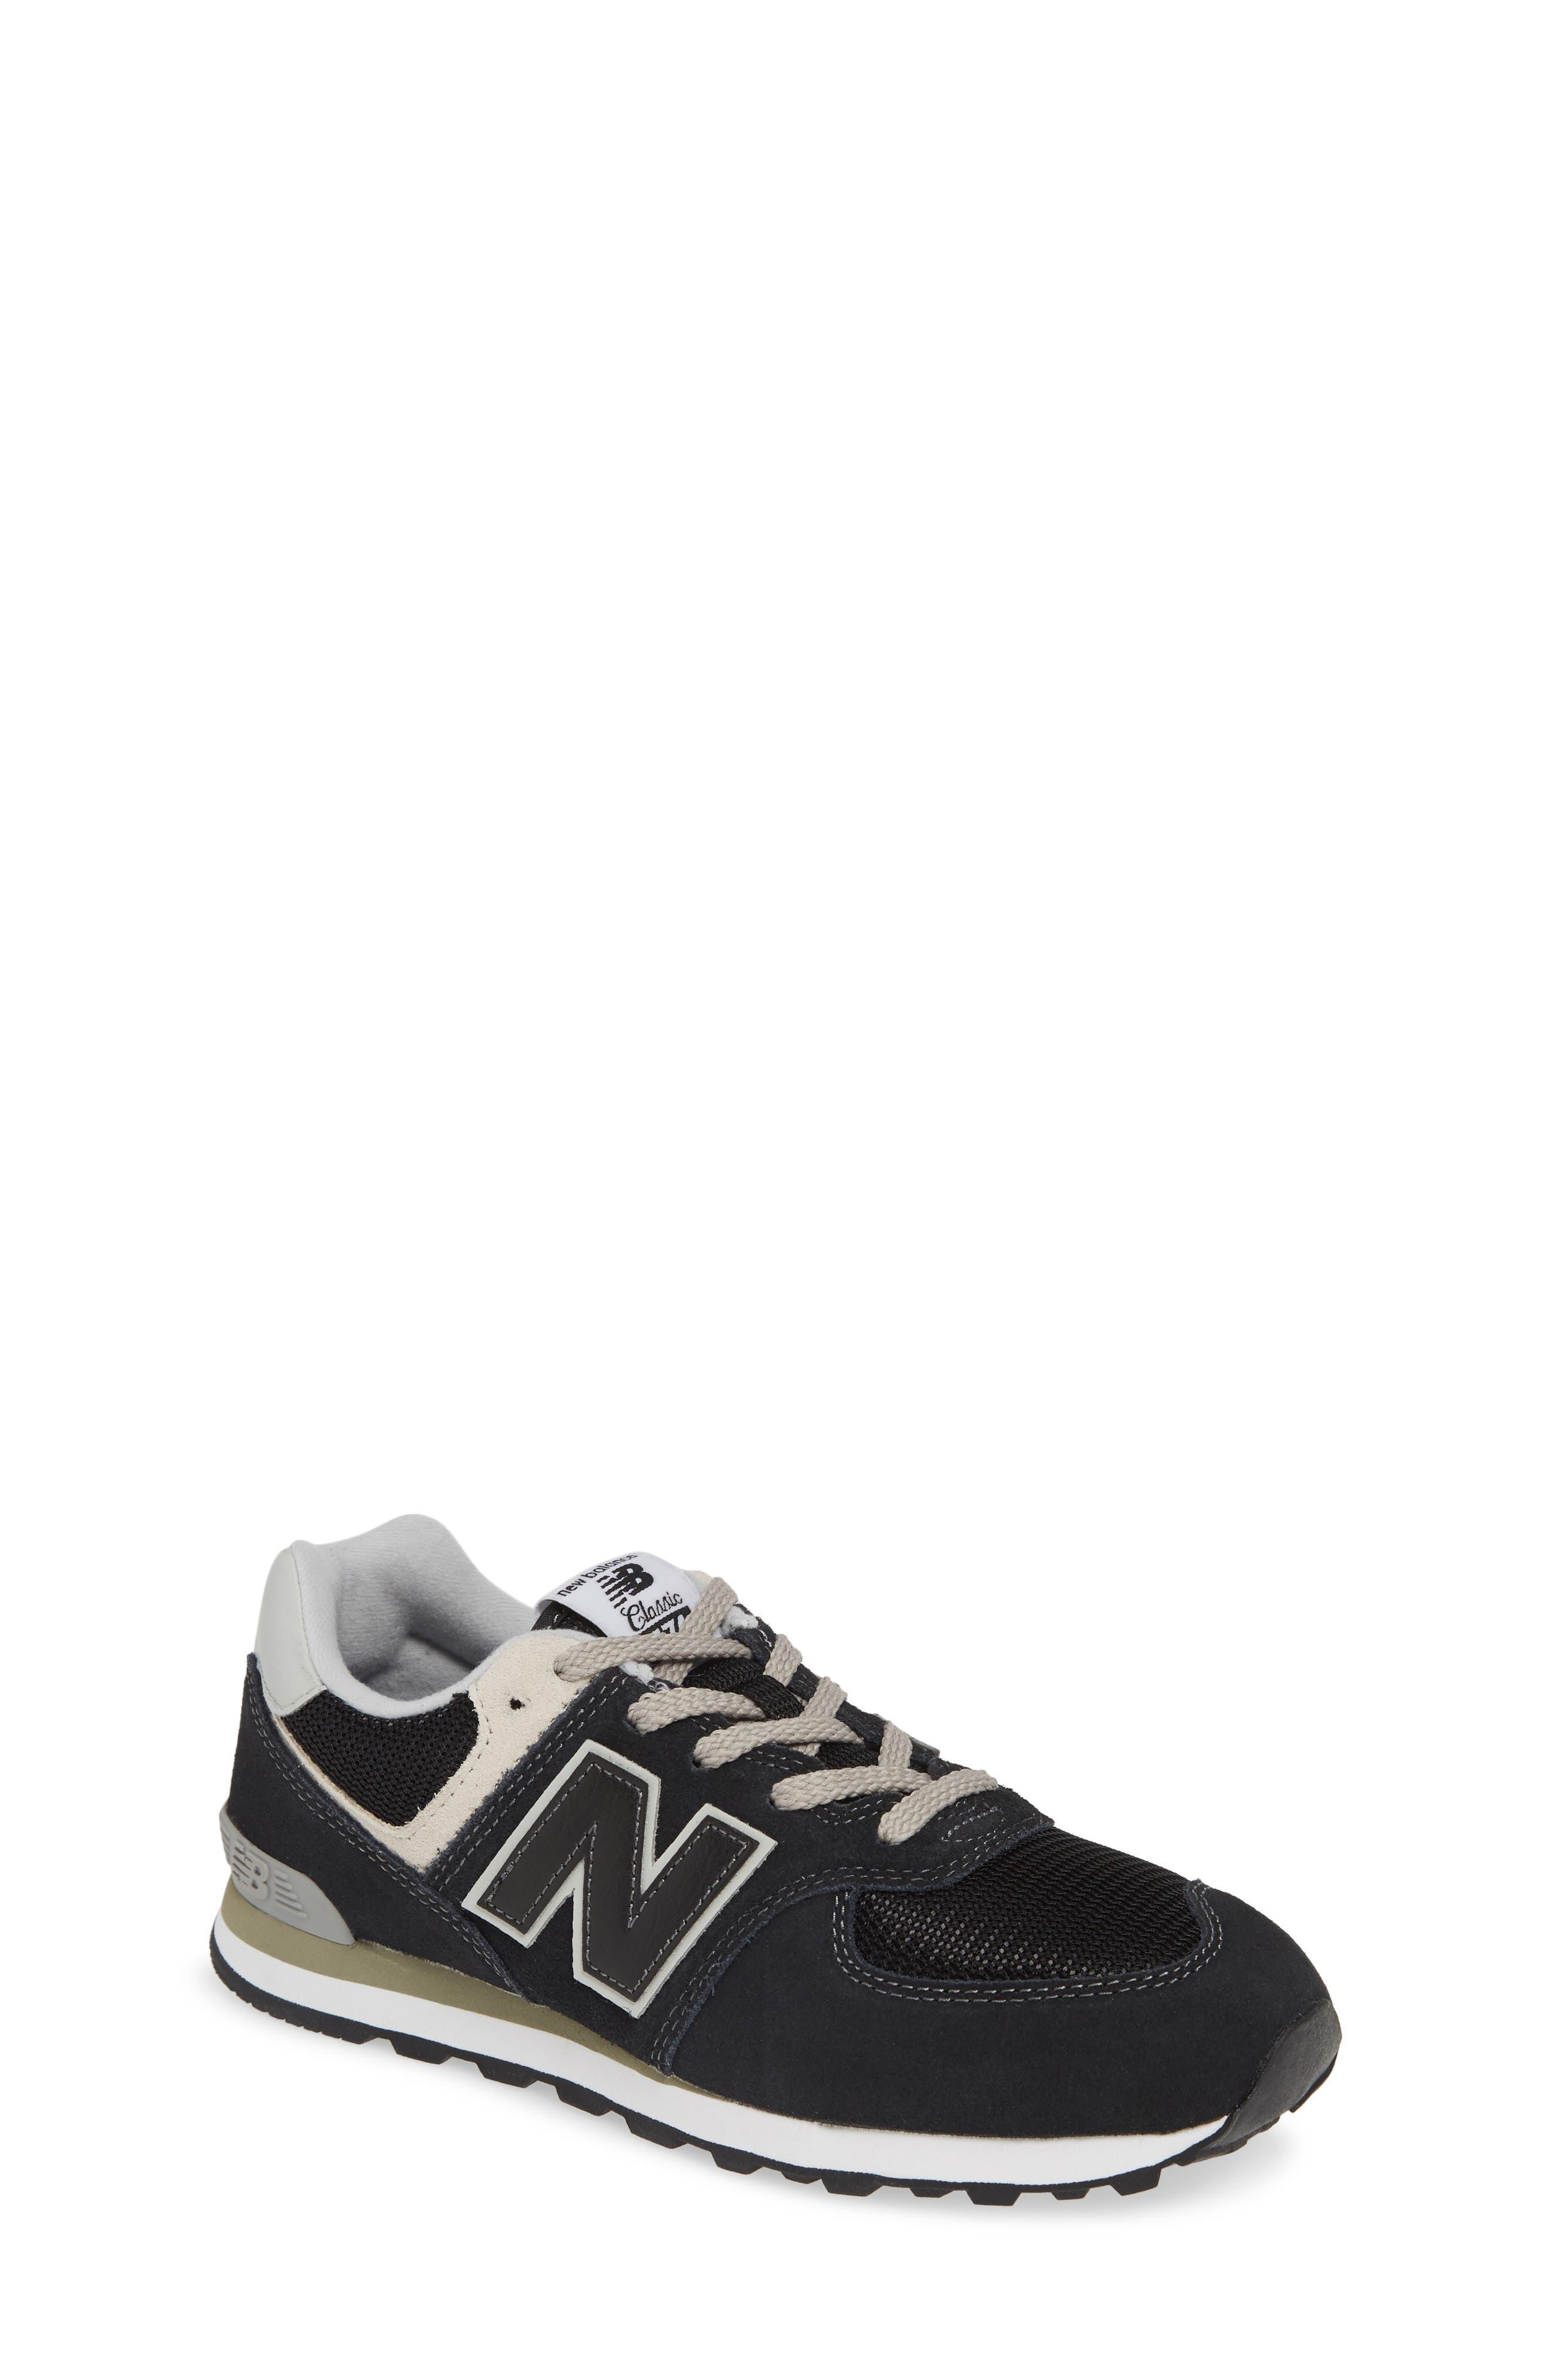 Kids New Balance 574 Serpent Luxe Sneaker Size 45 W  Black